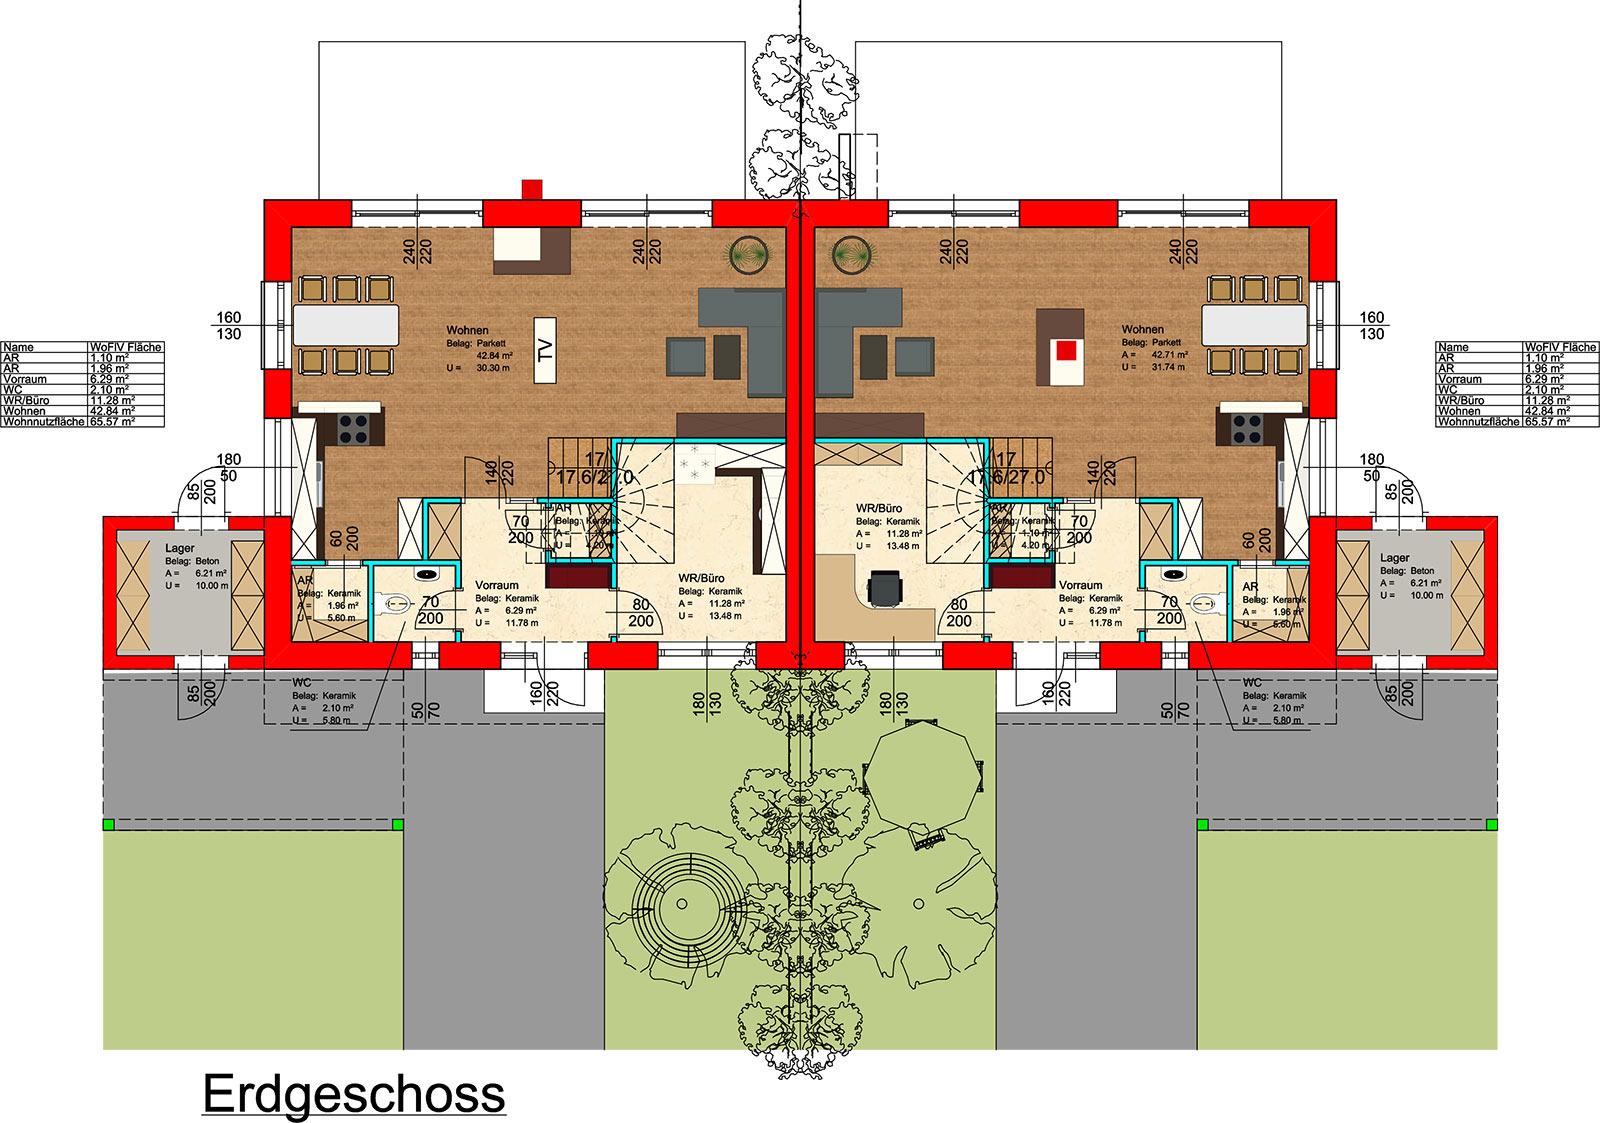 Gresten-Erdgeschoss